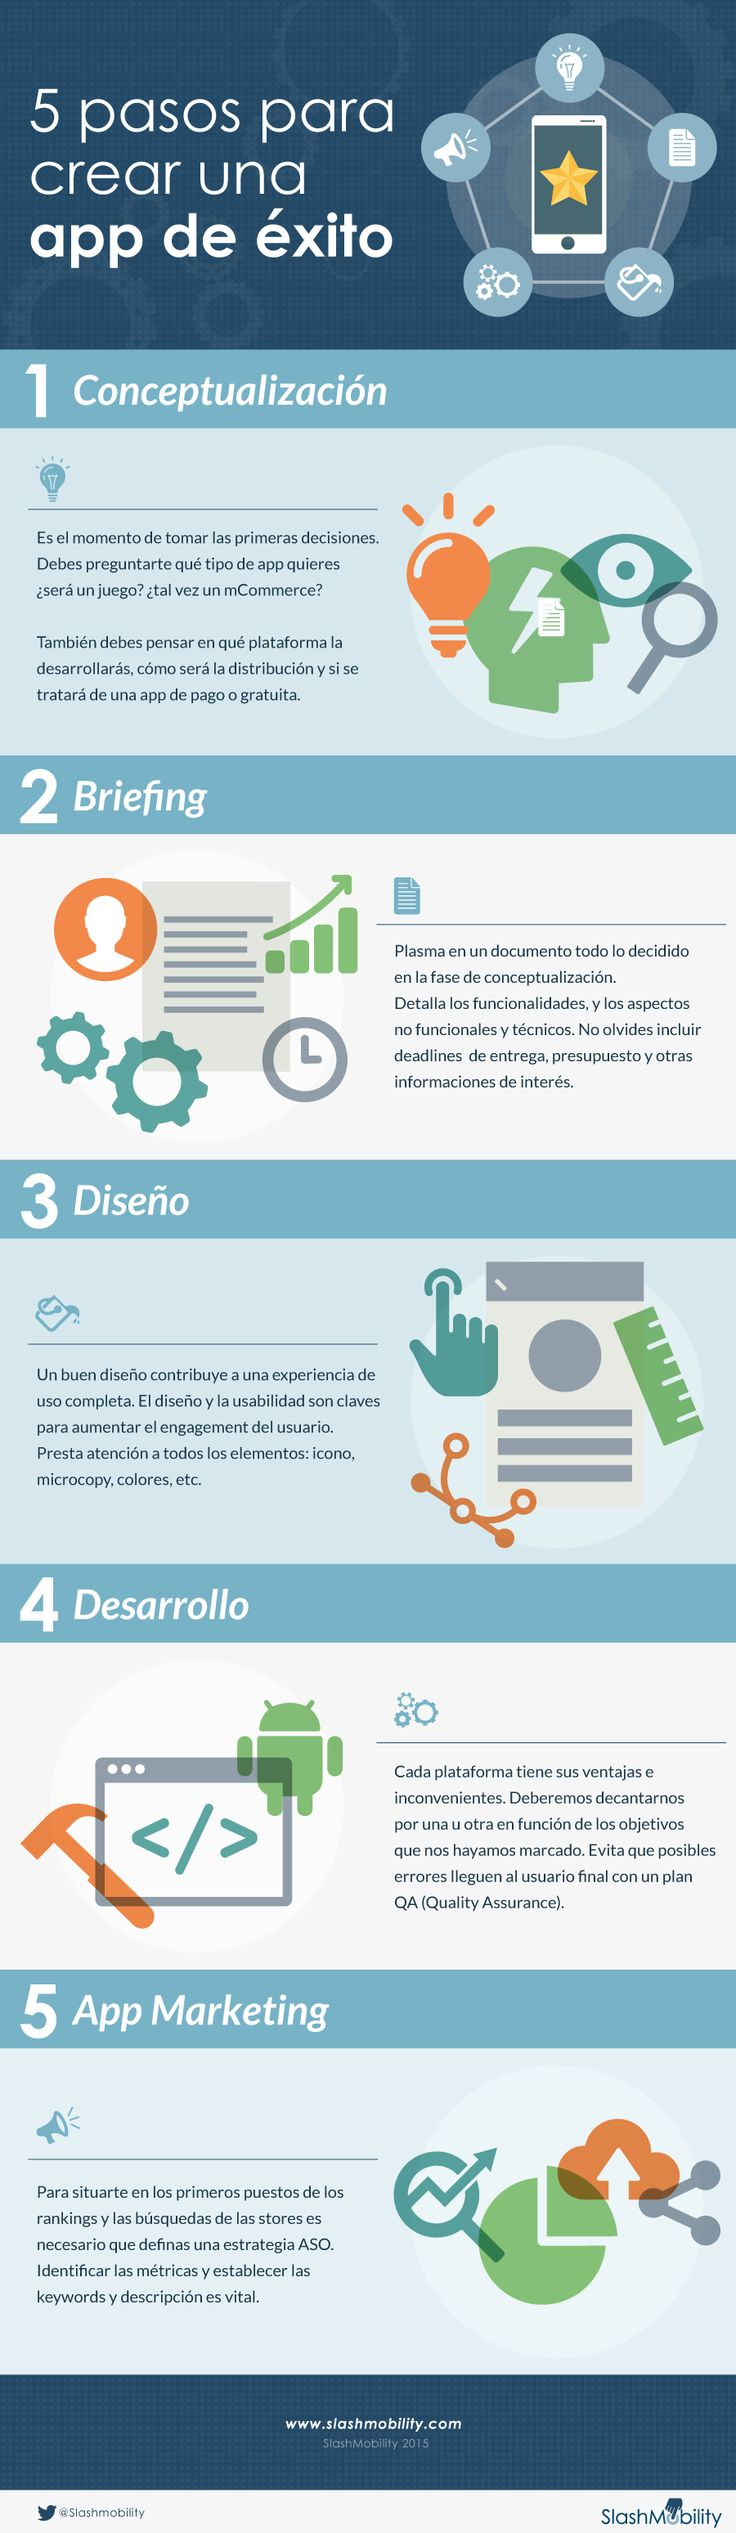 5 pasos para crear una APP de éxito #infografía